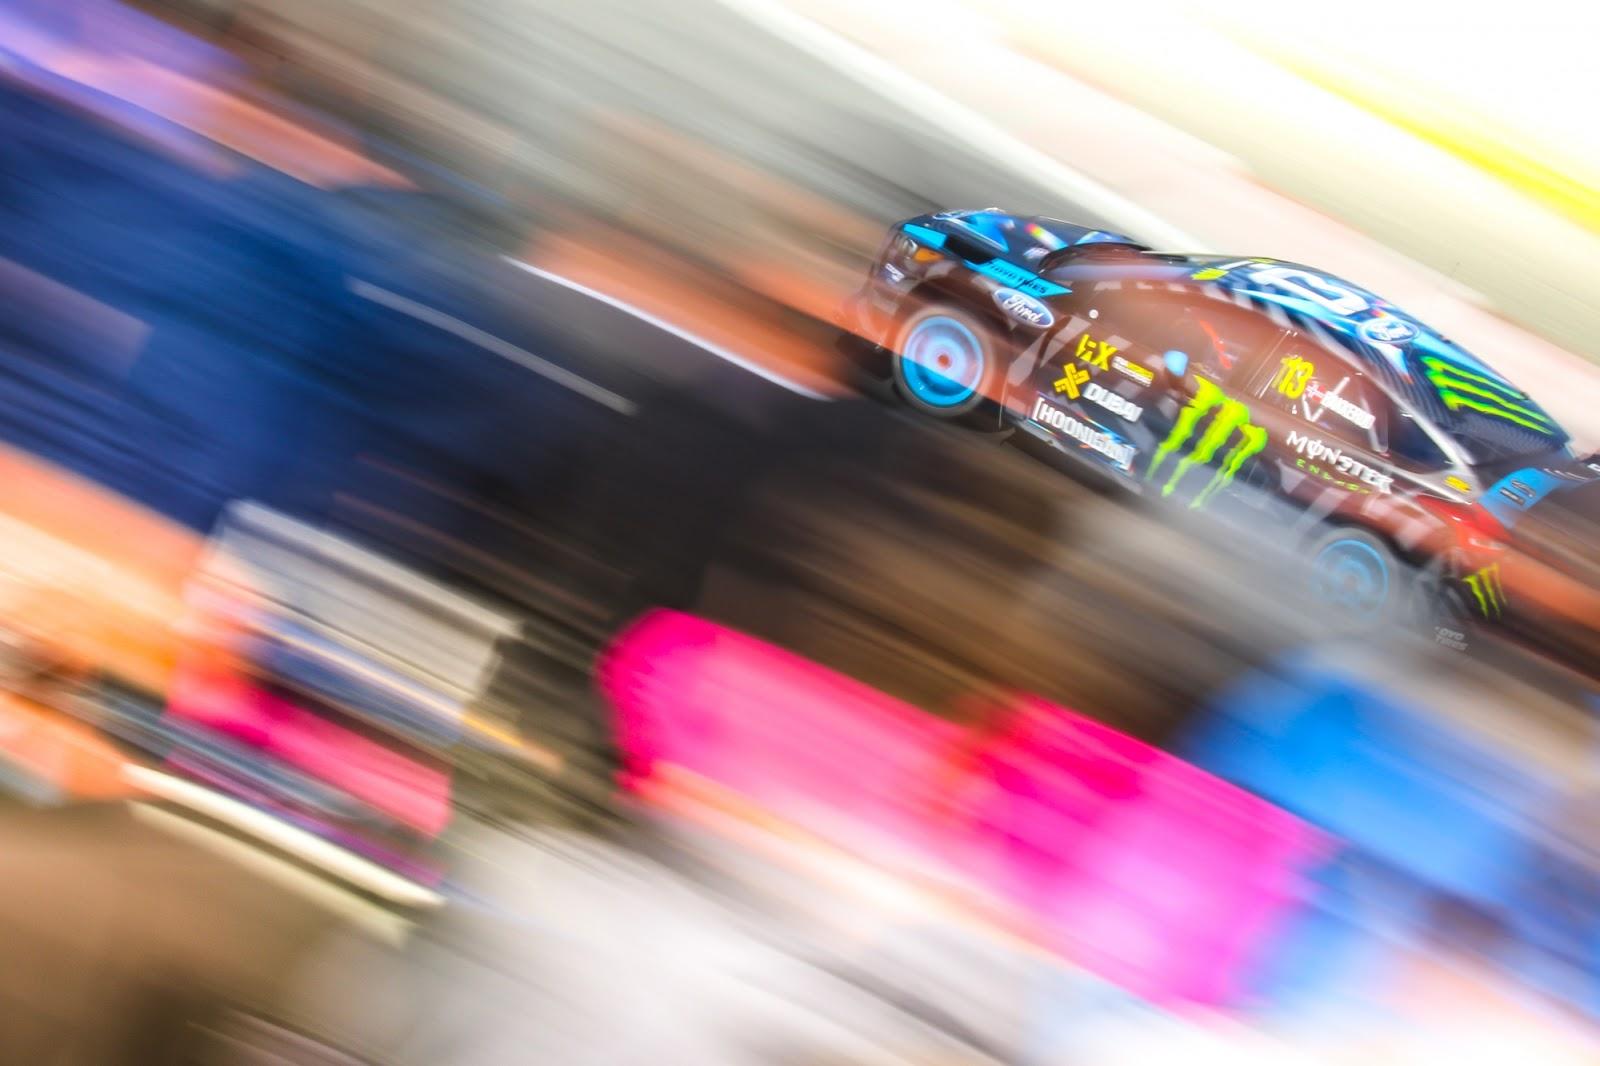 9043 Δες live Rallycross! FIA World Rallycross Championship, LIVE, Rally, Rallycross, videos